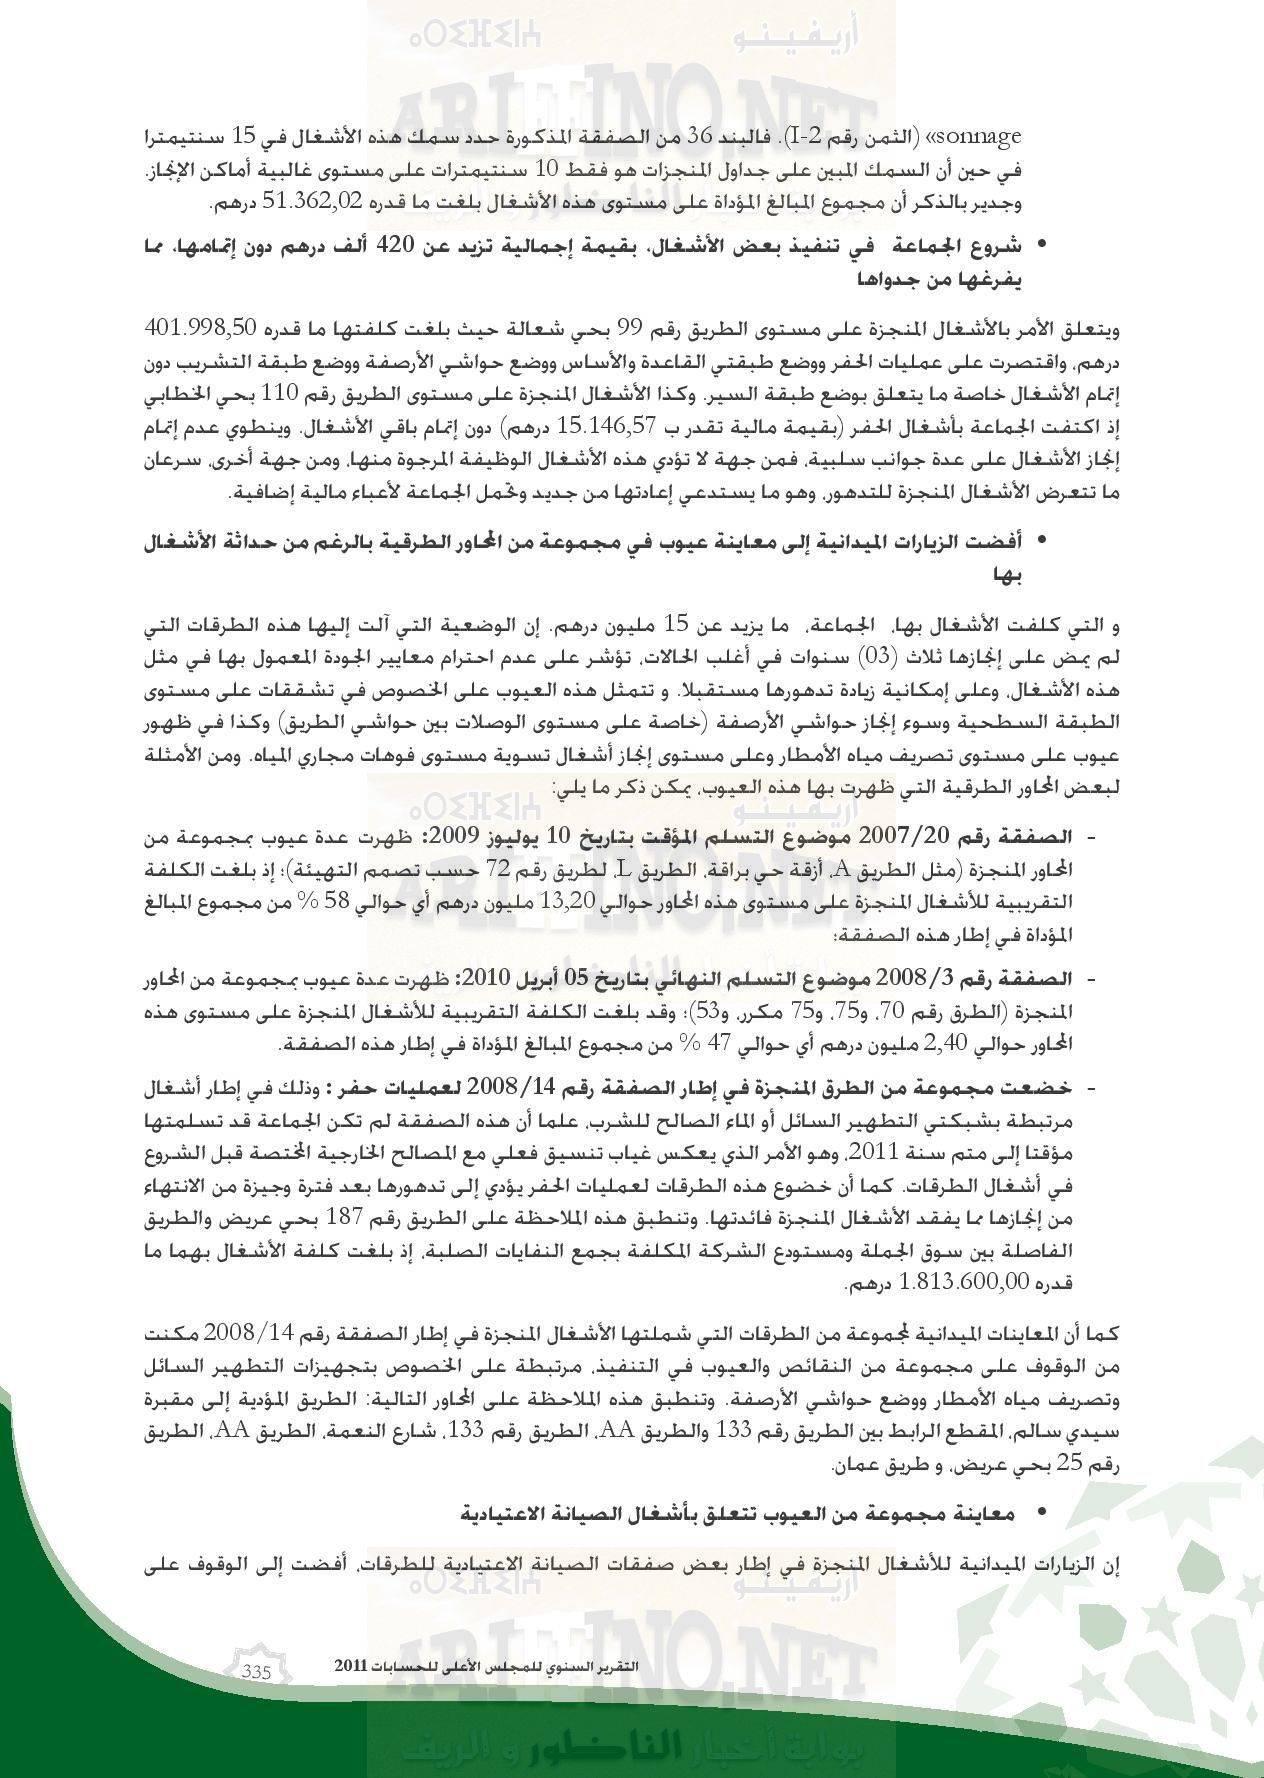 nador_0061 تقرير المجلس الاعلى للحسابات: بلدية الناظور تعيش إختلالات و عشوائية و عاجزة عن القيام بمهامها